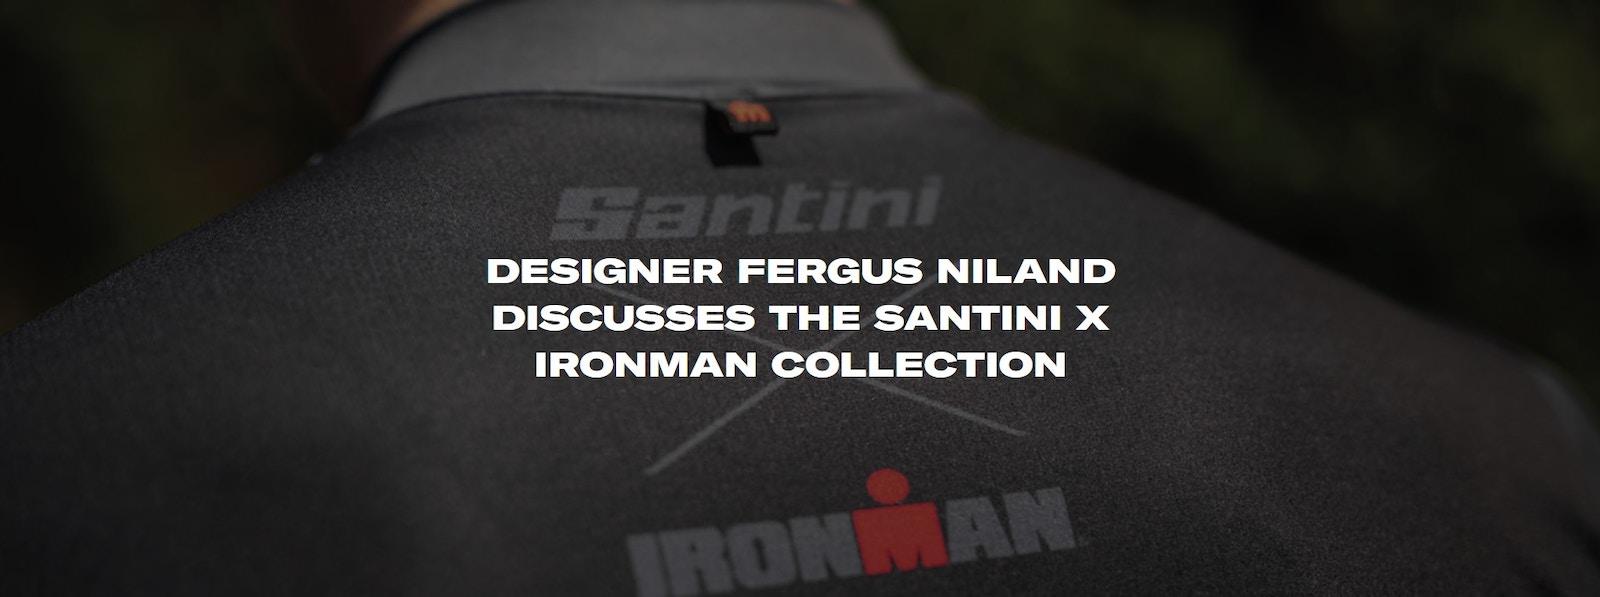 Santini - Designer Fergus Niland discusses the Santini X IRONMAN Collection